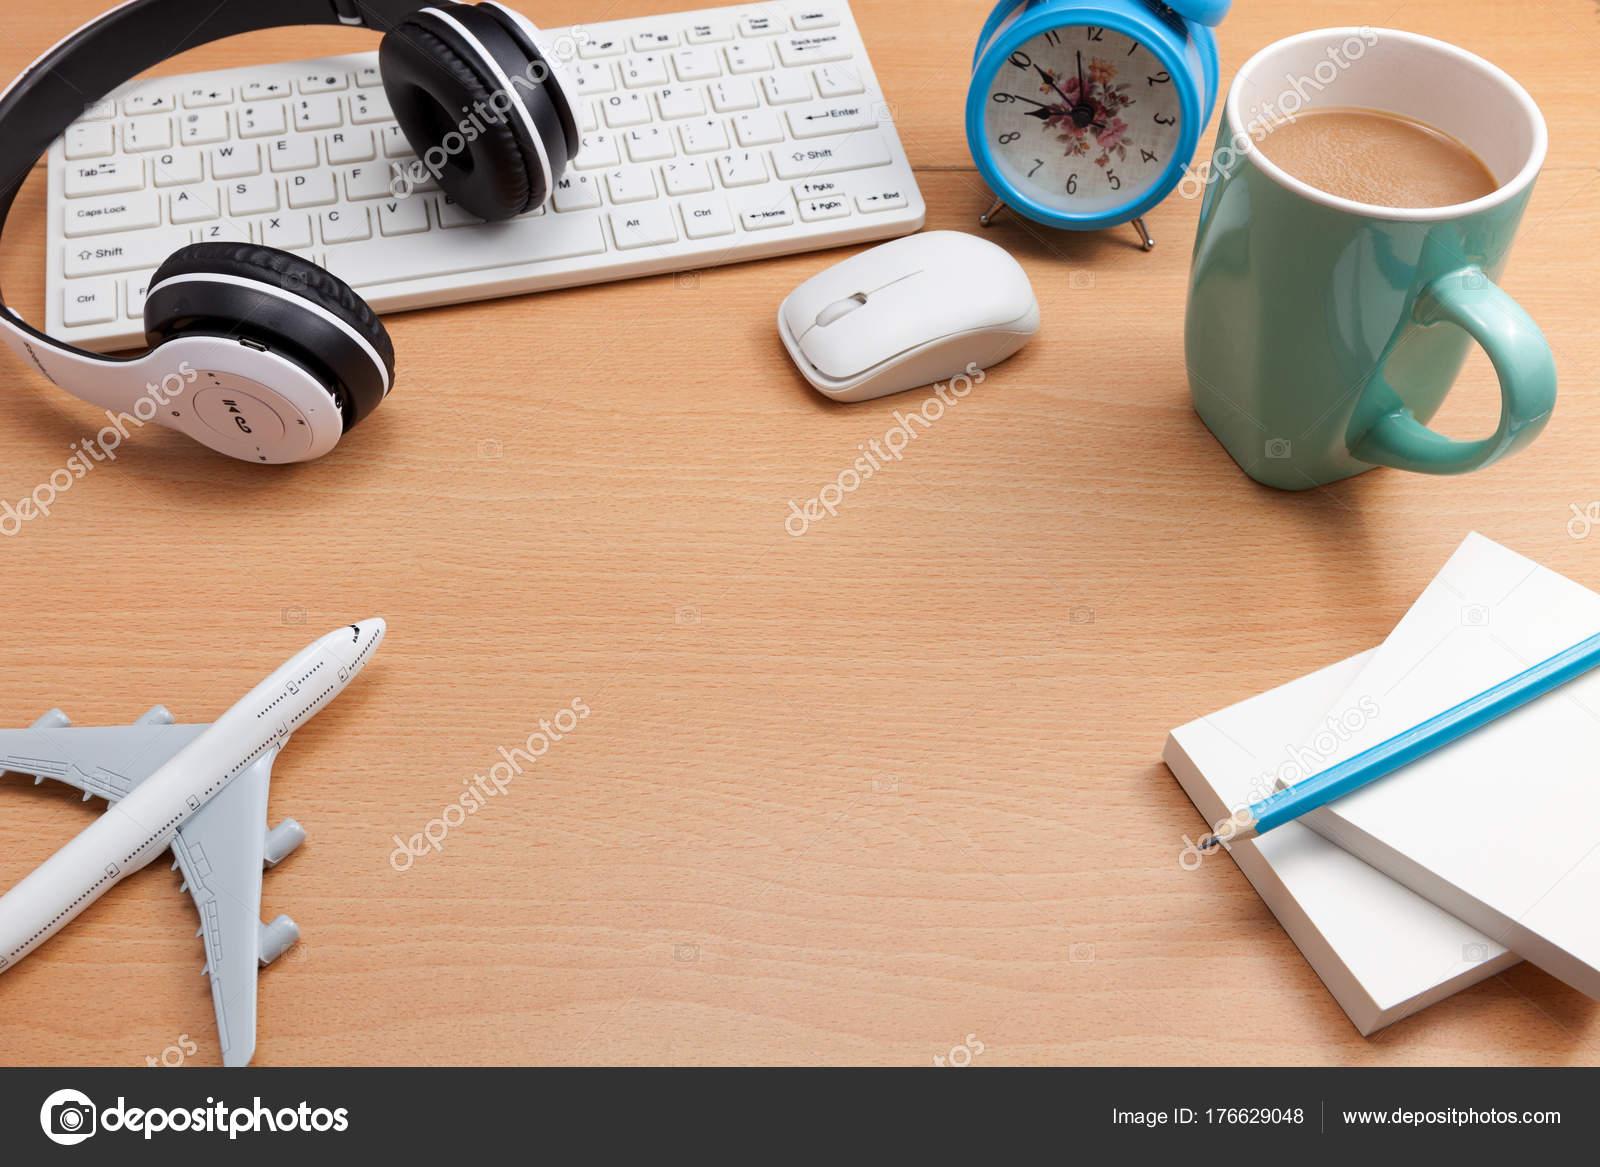 Scrivania Ufficio Oggetti : Oggetti di business sulla scrivania in ufficio con il modello dell